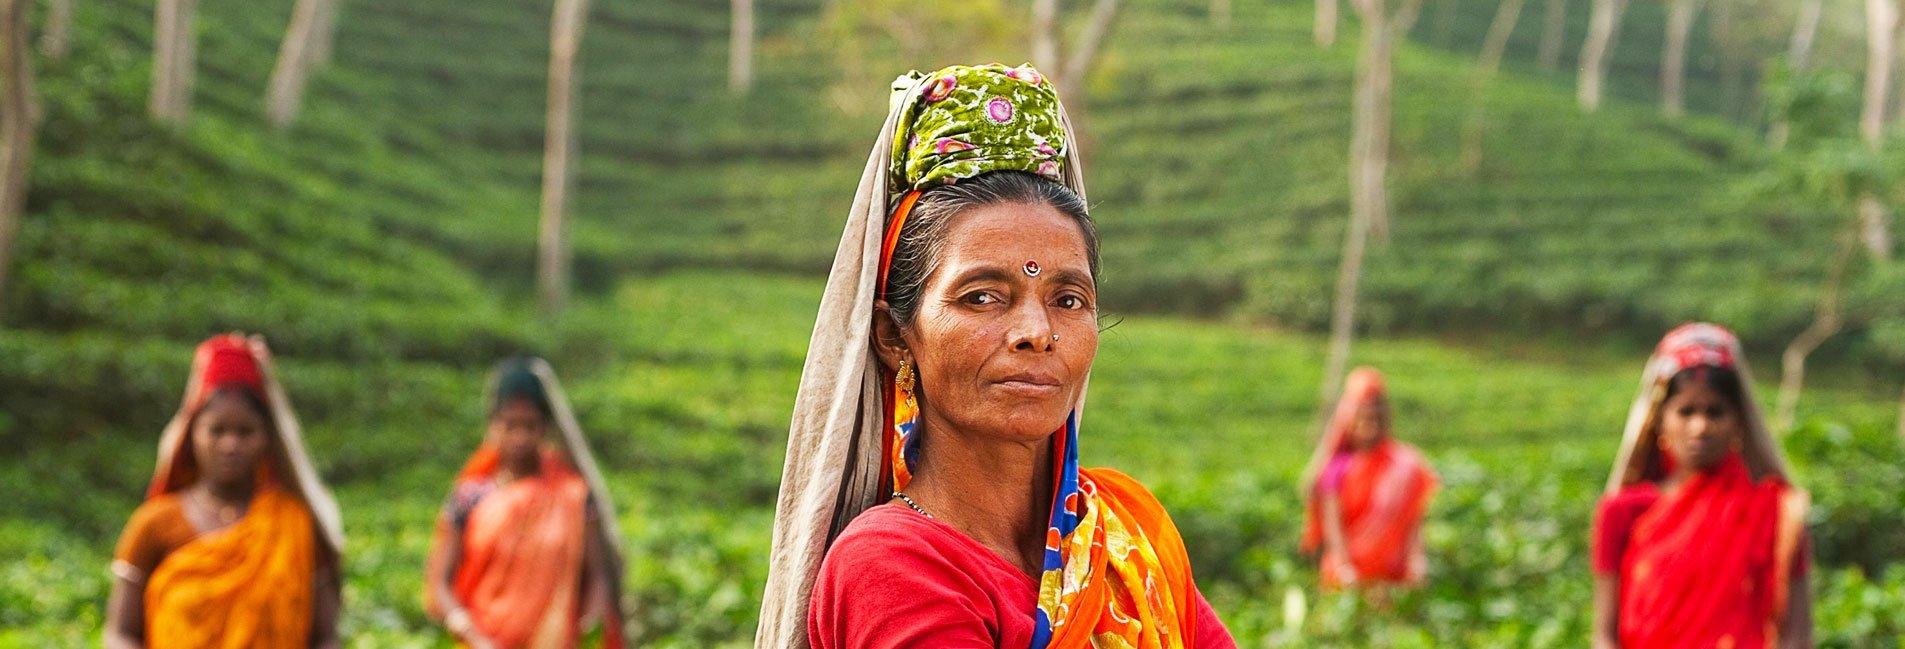 Exklusivreise auf den Spuren des Darjeeling unterwegs in Indien